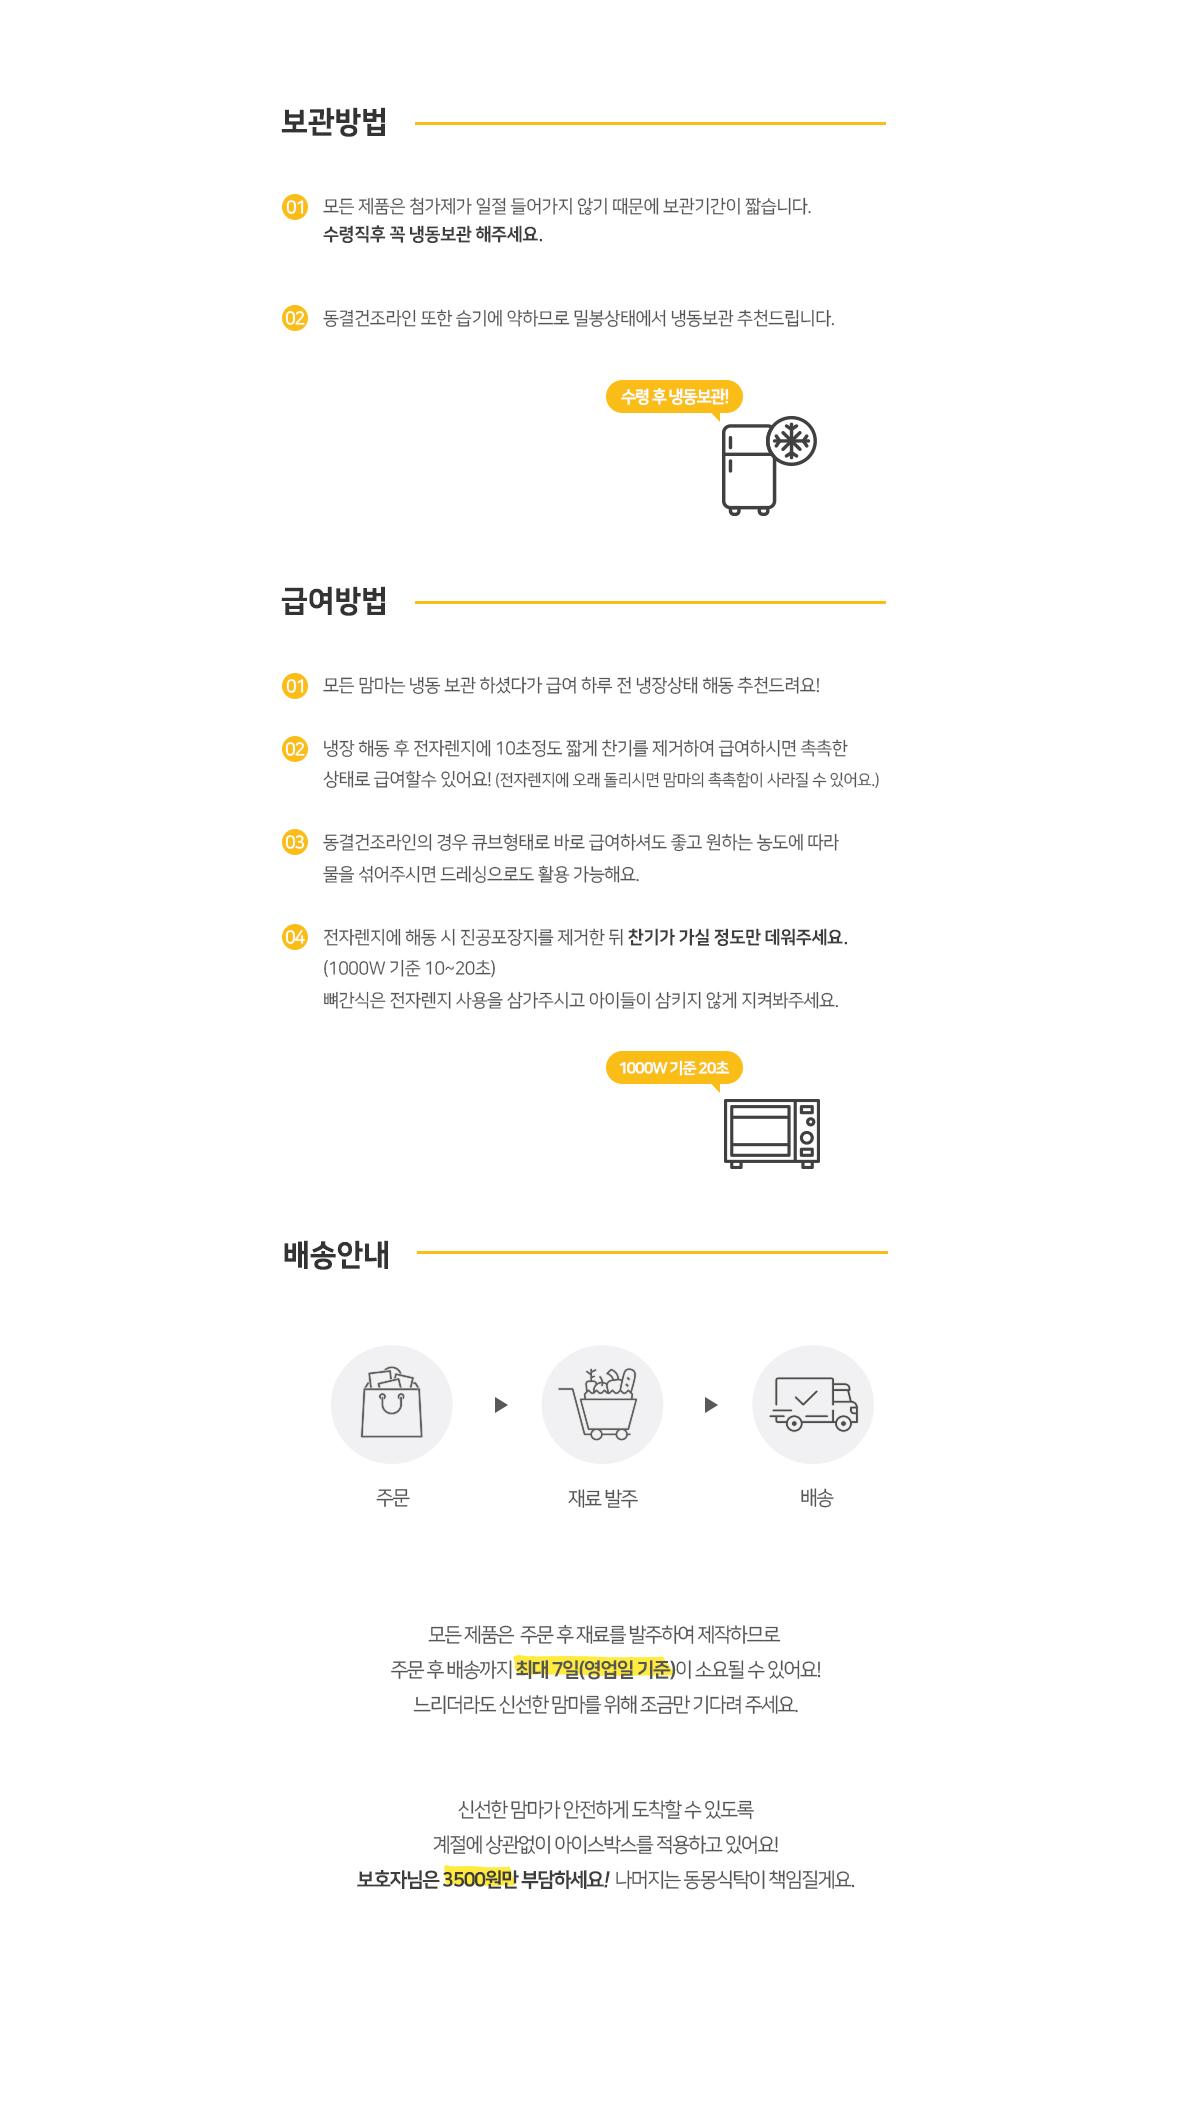 강아지 수제간식 오리함박 스테이크 세트 175g - 동몽식탁, 9,000원, 간식/영양제, 수제간식